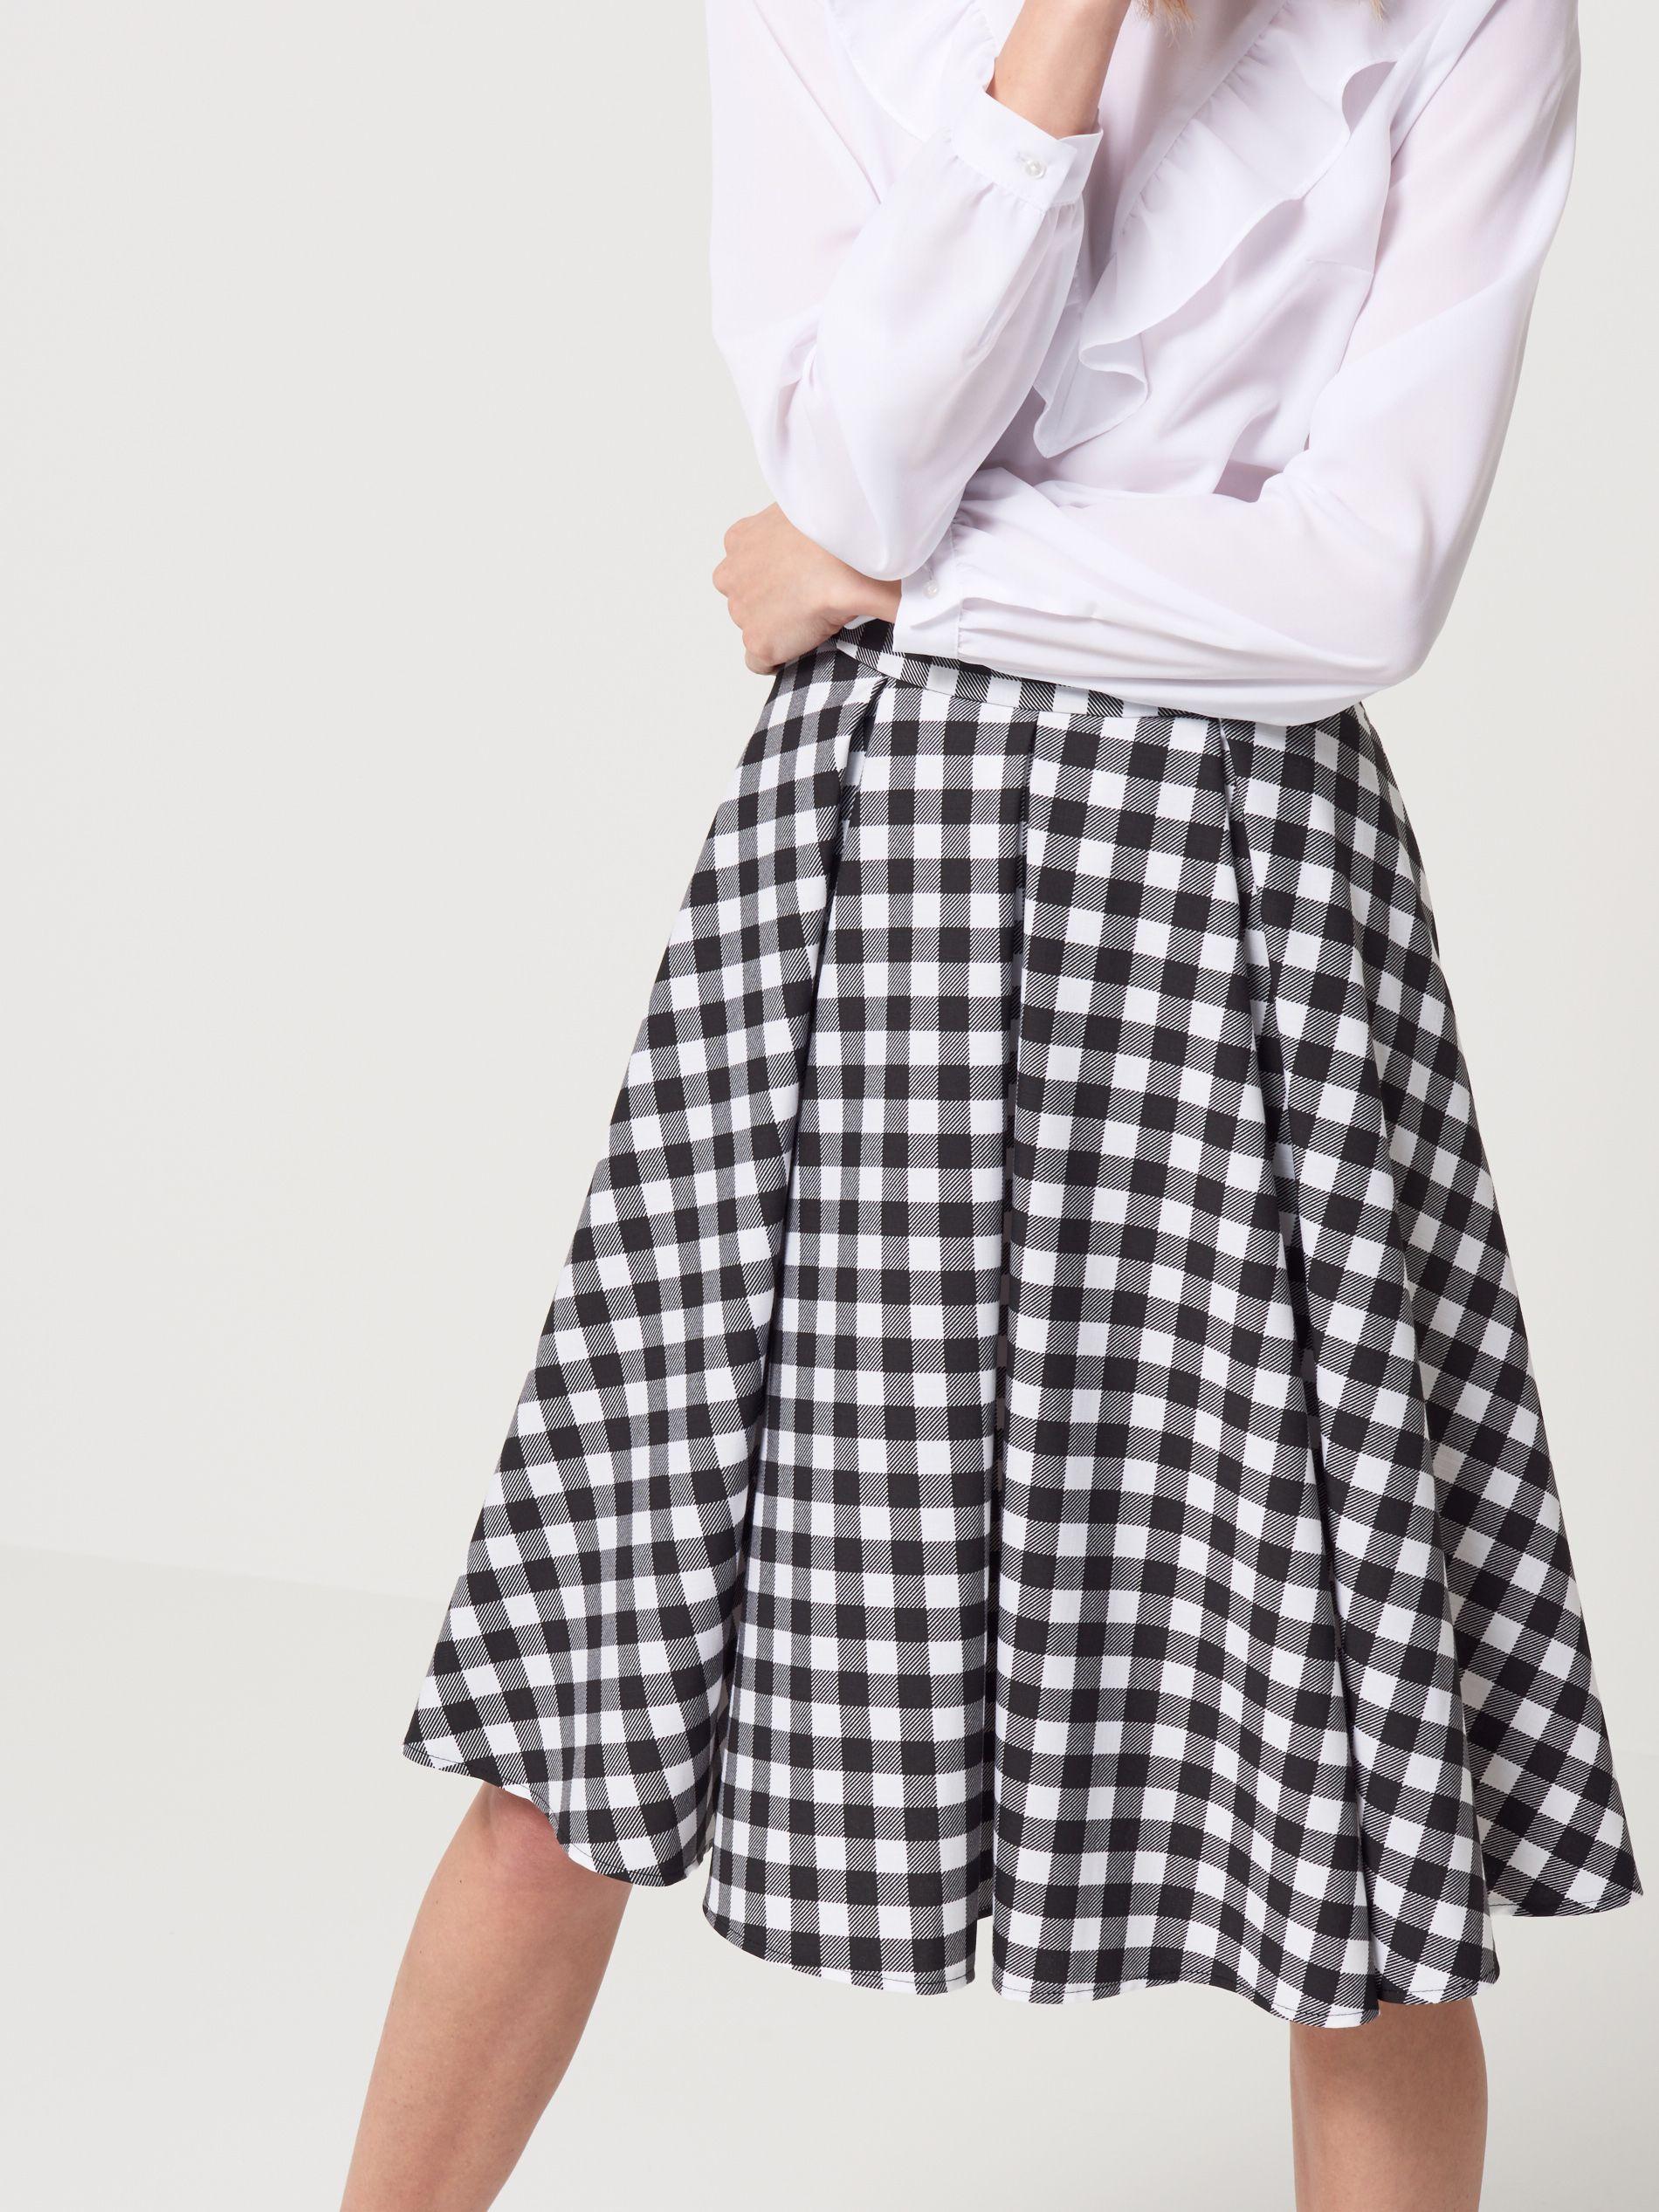 980faf6b81a9 Kruhová sukňa so záhybmi